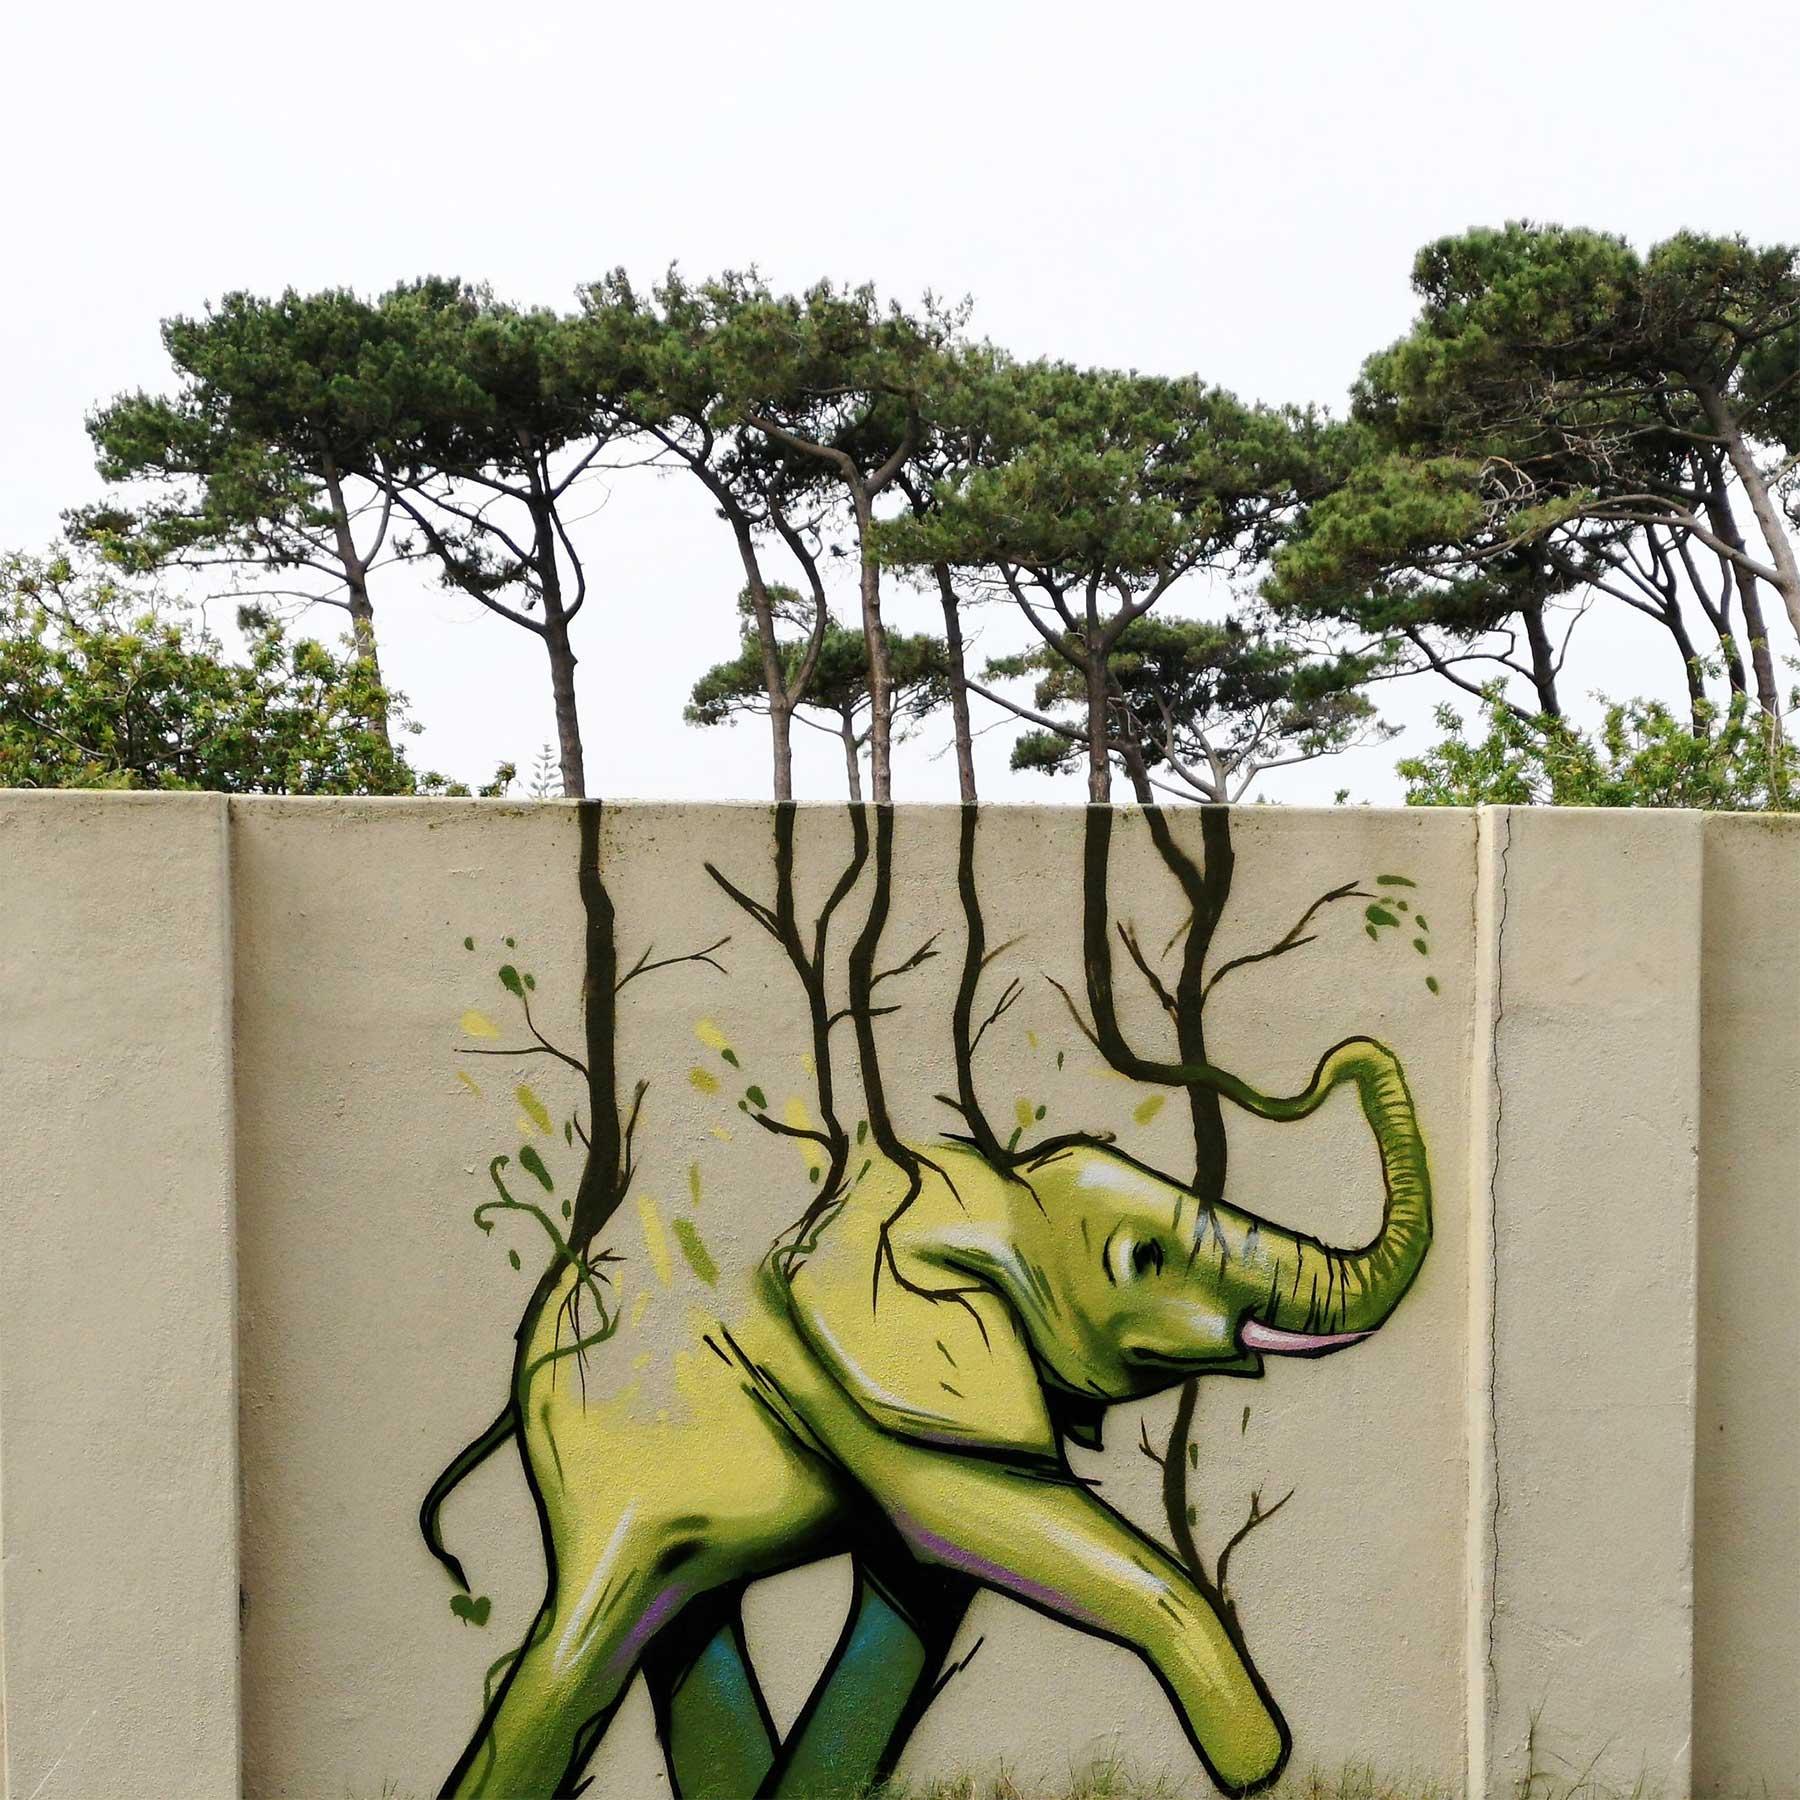 Die Street Art von Falko One bezieht die Umgebung mit ein Falko-One-perspektivische-Street-Art_04